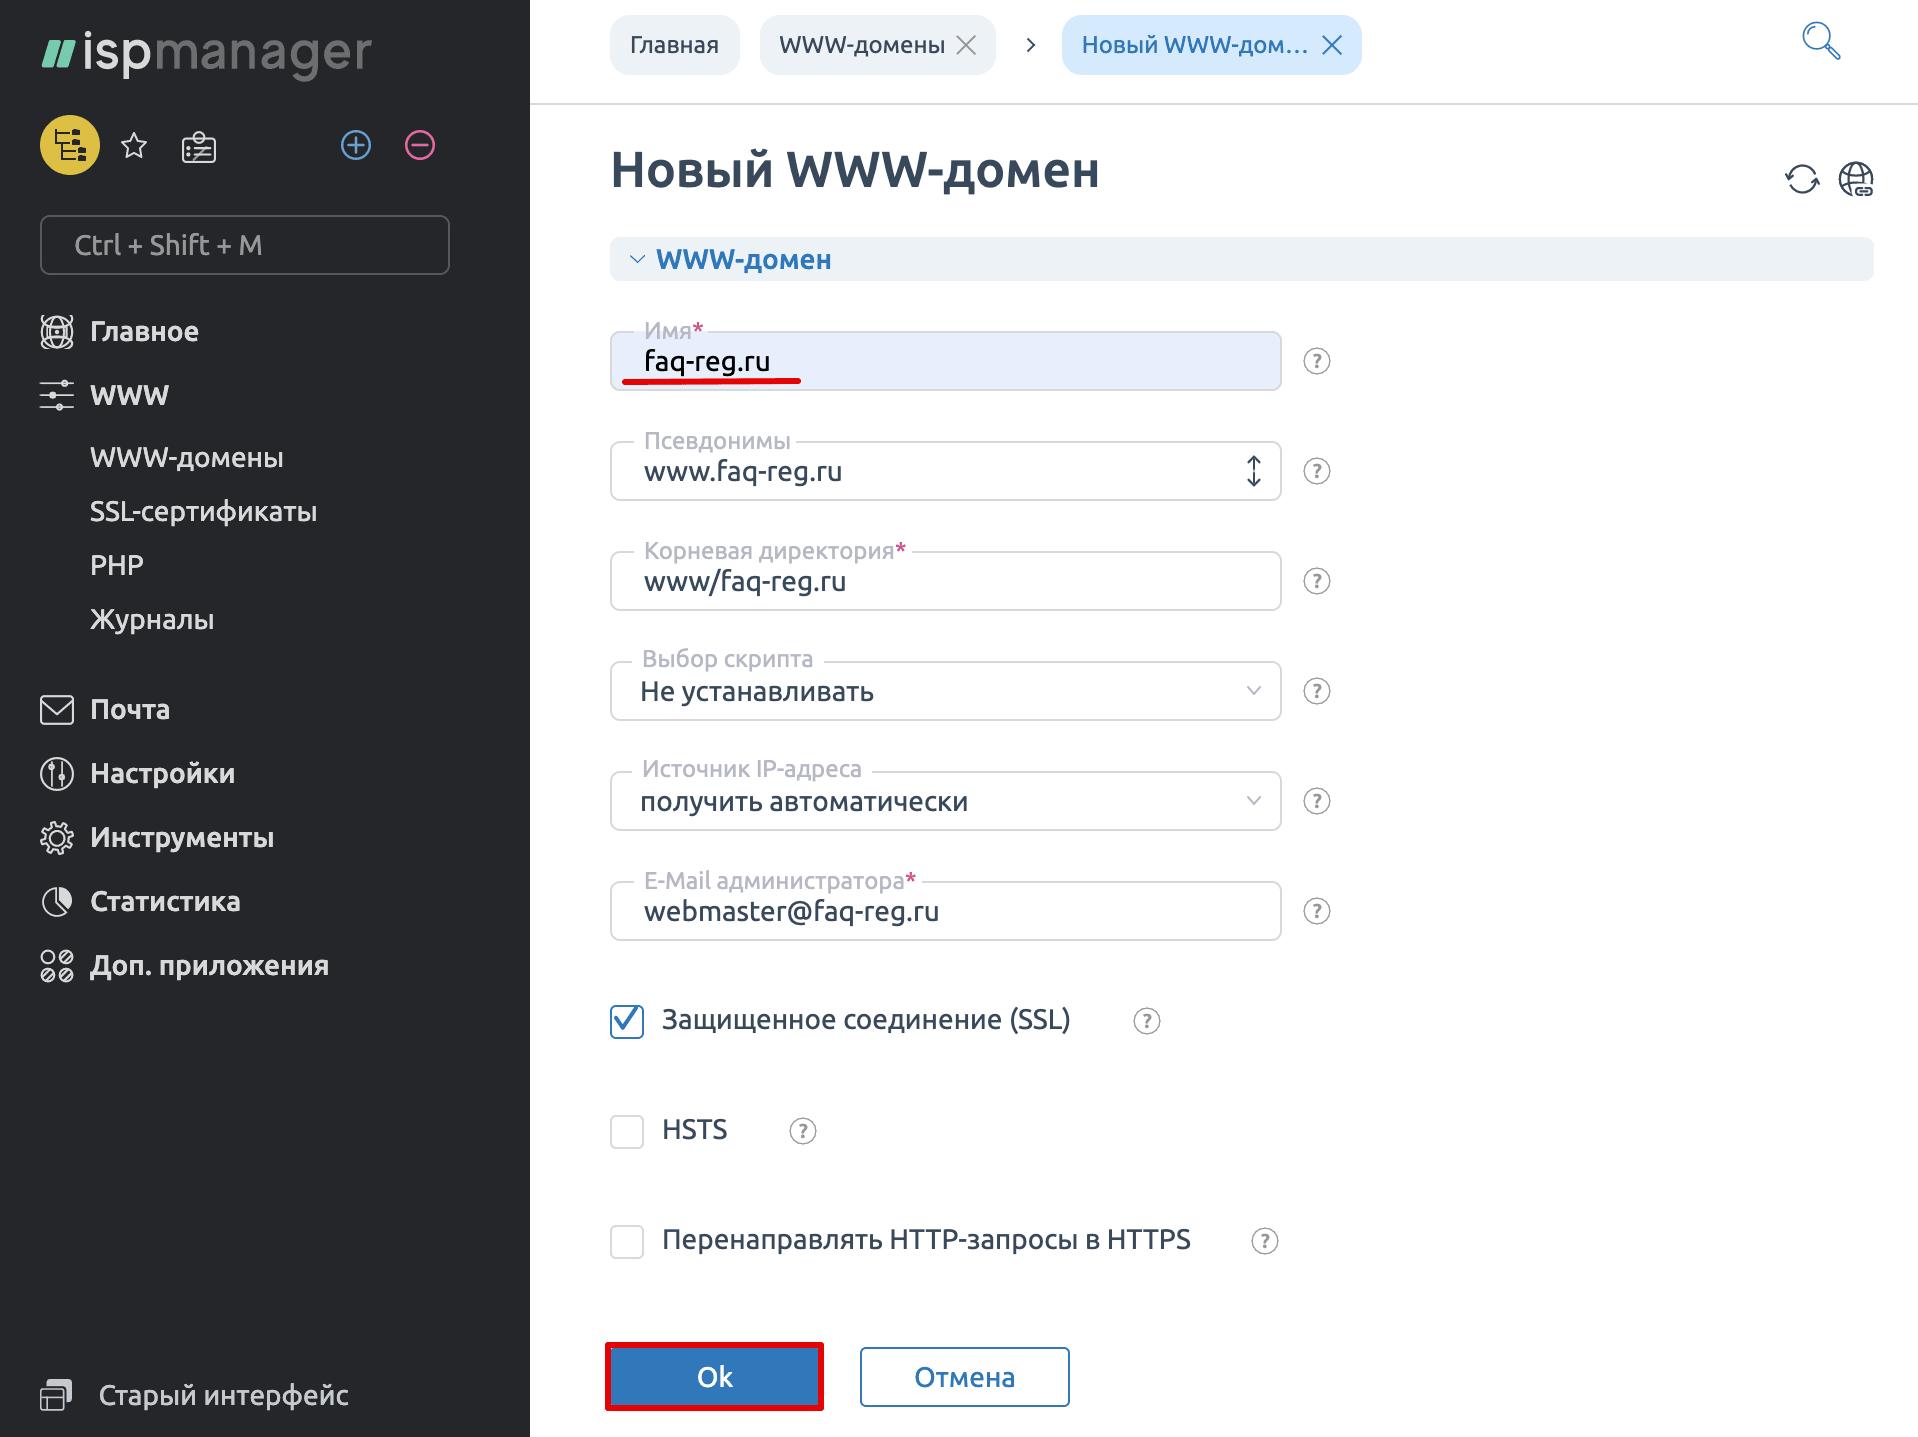 Как добавить домен в панель управления ISPmanager 2